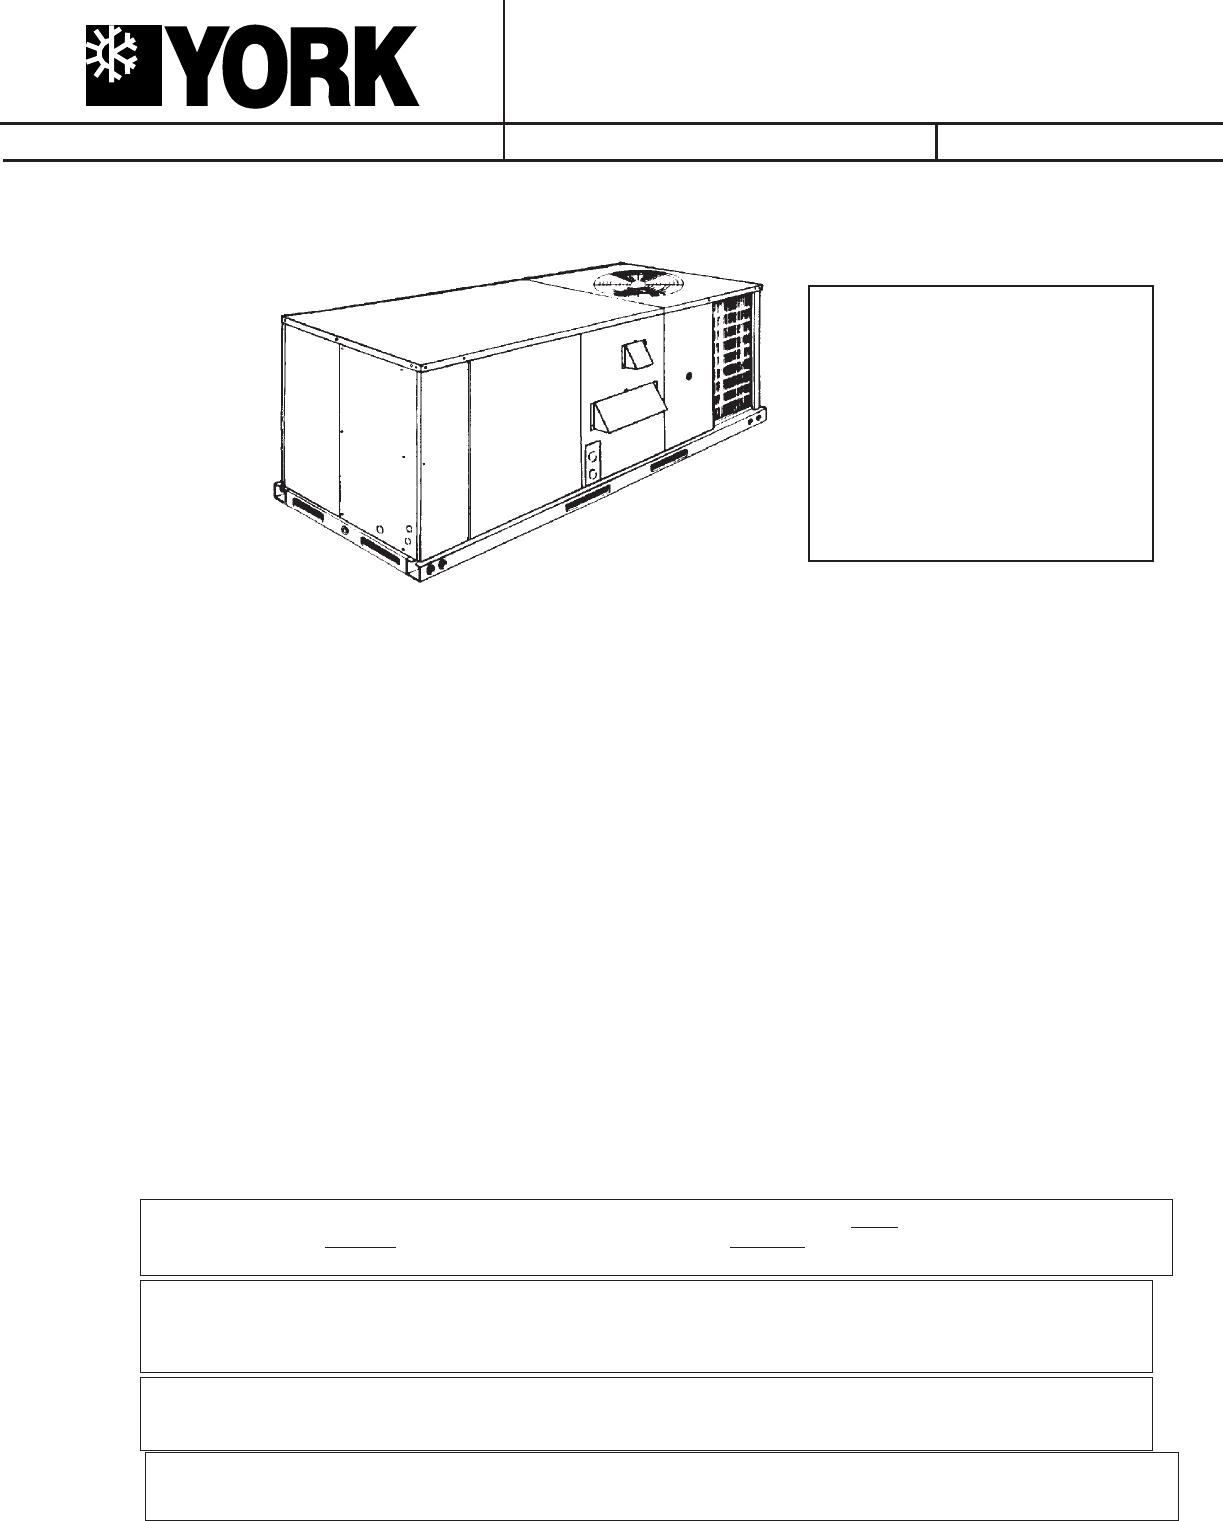 york air conditioner d2eg 060 user guide manualsonline com